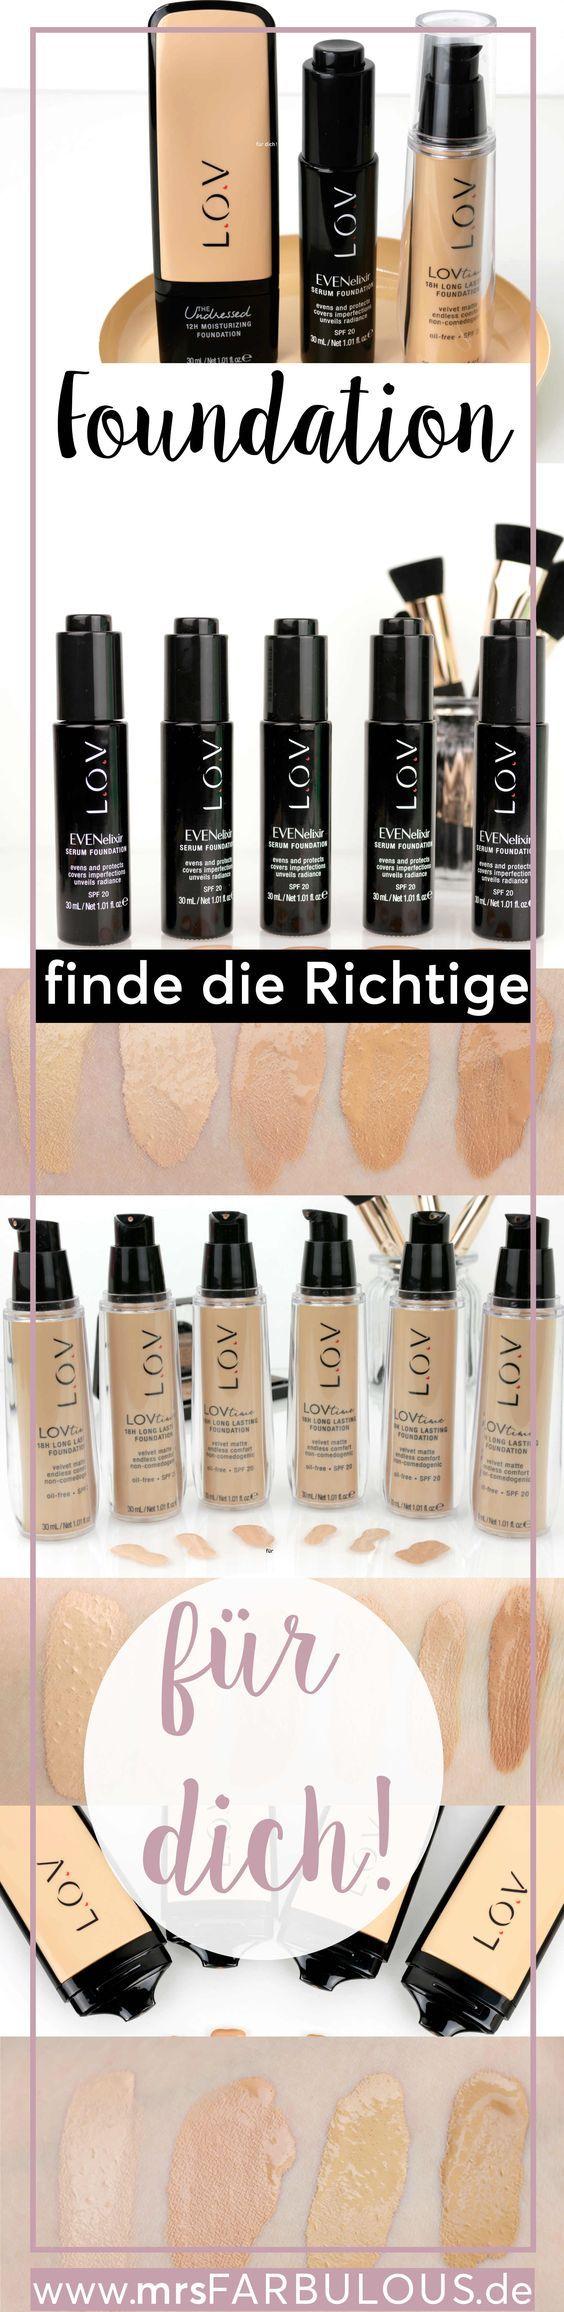 Grundierung von L.O.V Cosmetics für ein ebenmäßiges Gesicht. Finde die richtige Foundation fürd deinen Hauttyp. Gesicht schminken, trockene Haut, ölige Haut, Weihnachten, Silvester, Halloween Make-Up. Schminktipps, Beauty, Drogerie. Sieh dir die Foundation auf dem deutschen MrsFarbulus Beauty Blog für Schminktipps an.